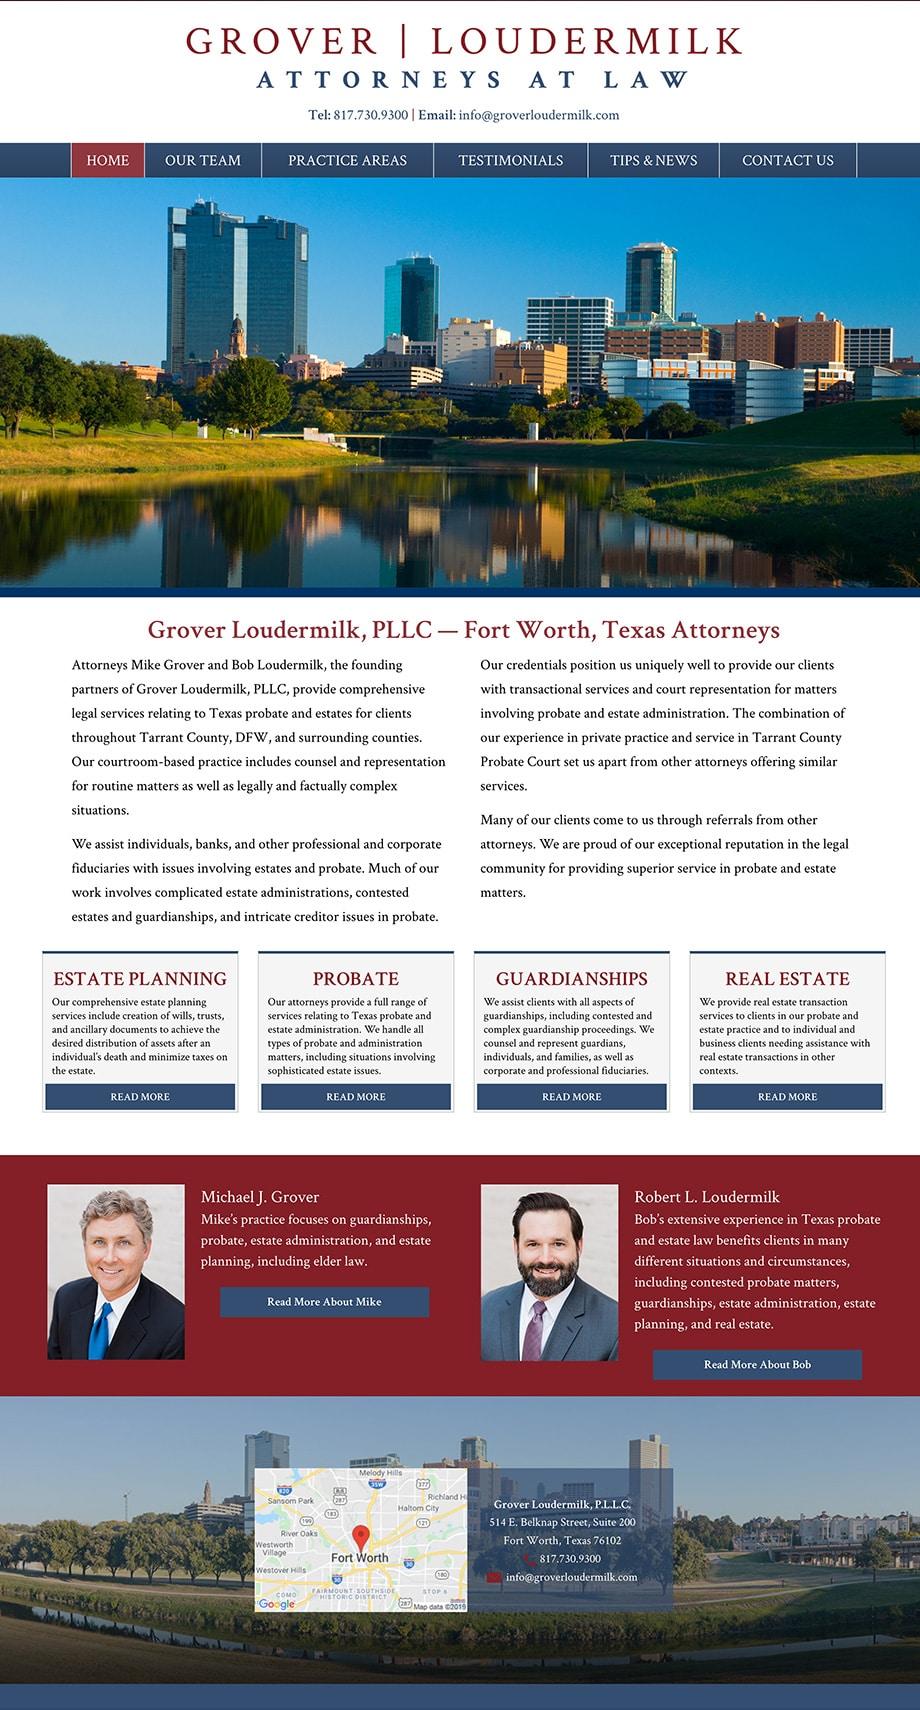 Law Firm Website Design for Grover Loudermilk, P.L.L.C.